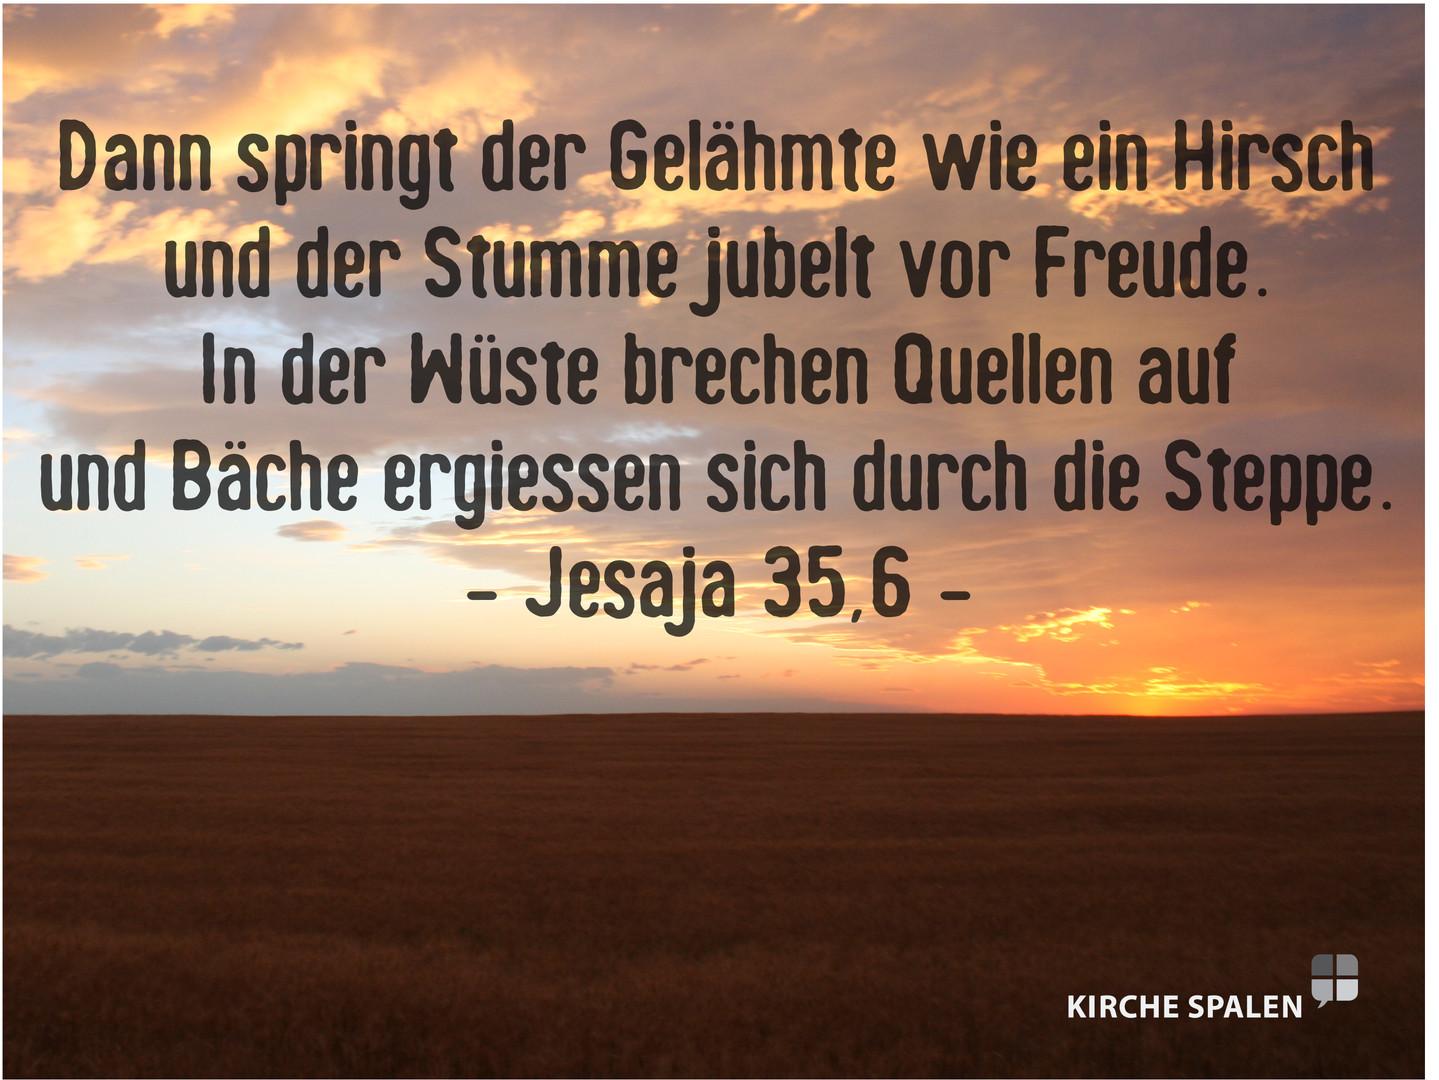 Jesaja 35,6.jpg